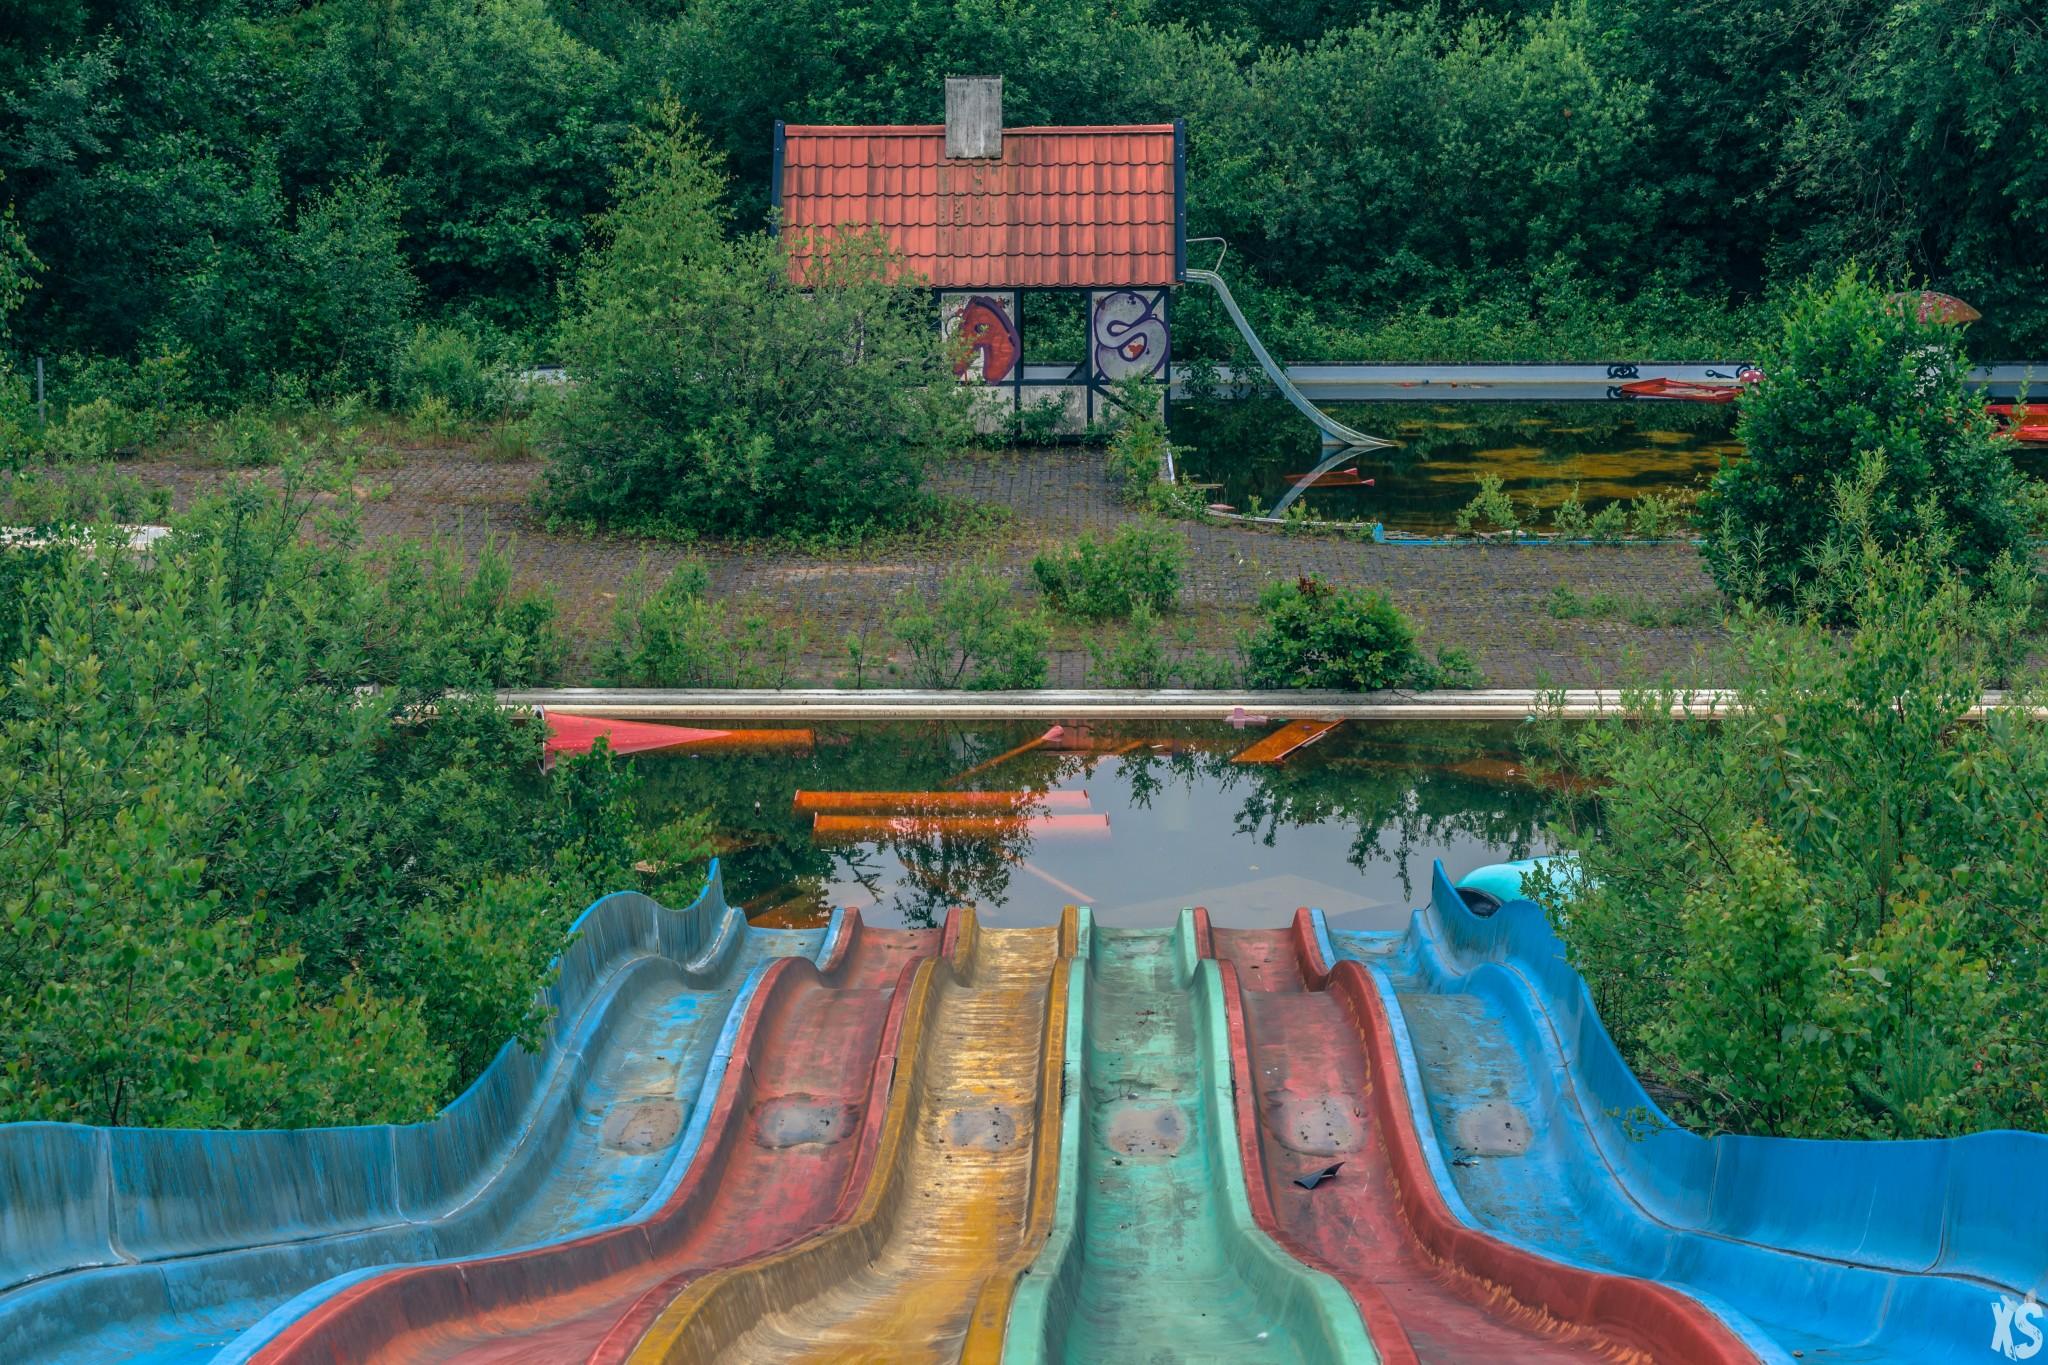 parc-aquatique-wayne-lo-16